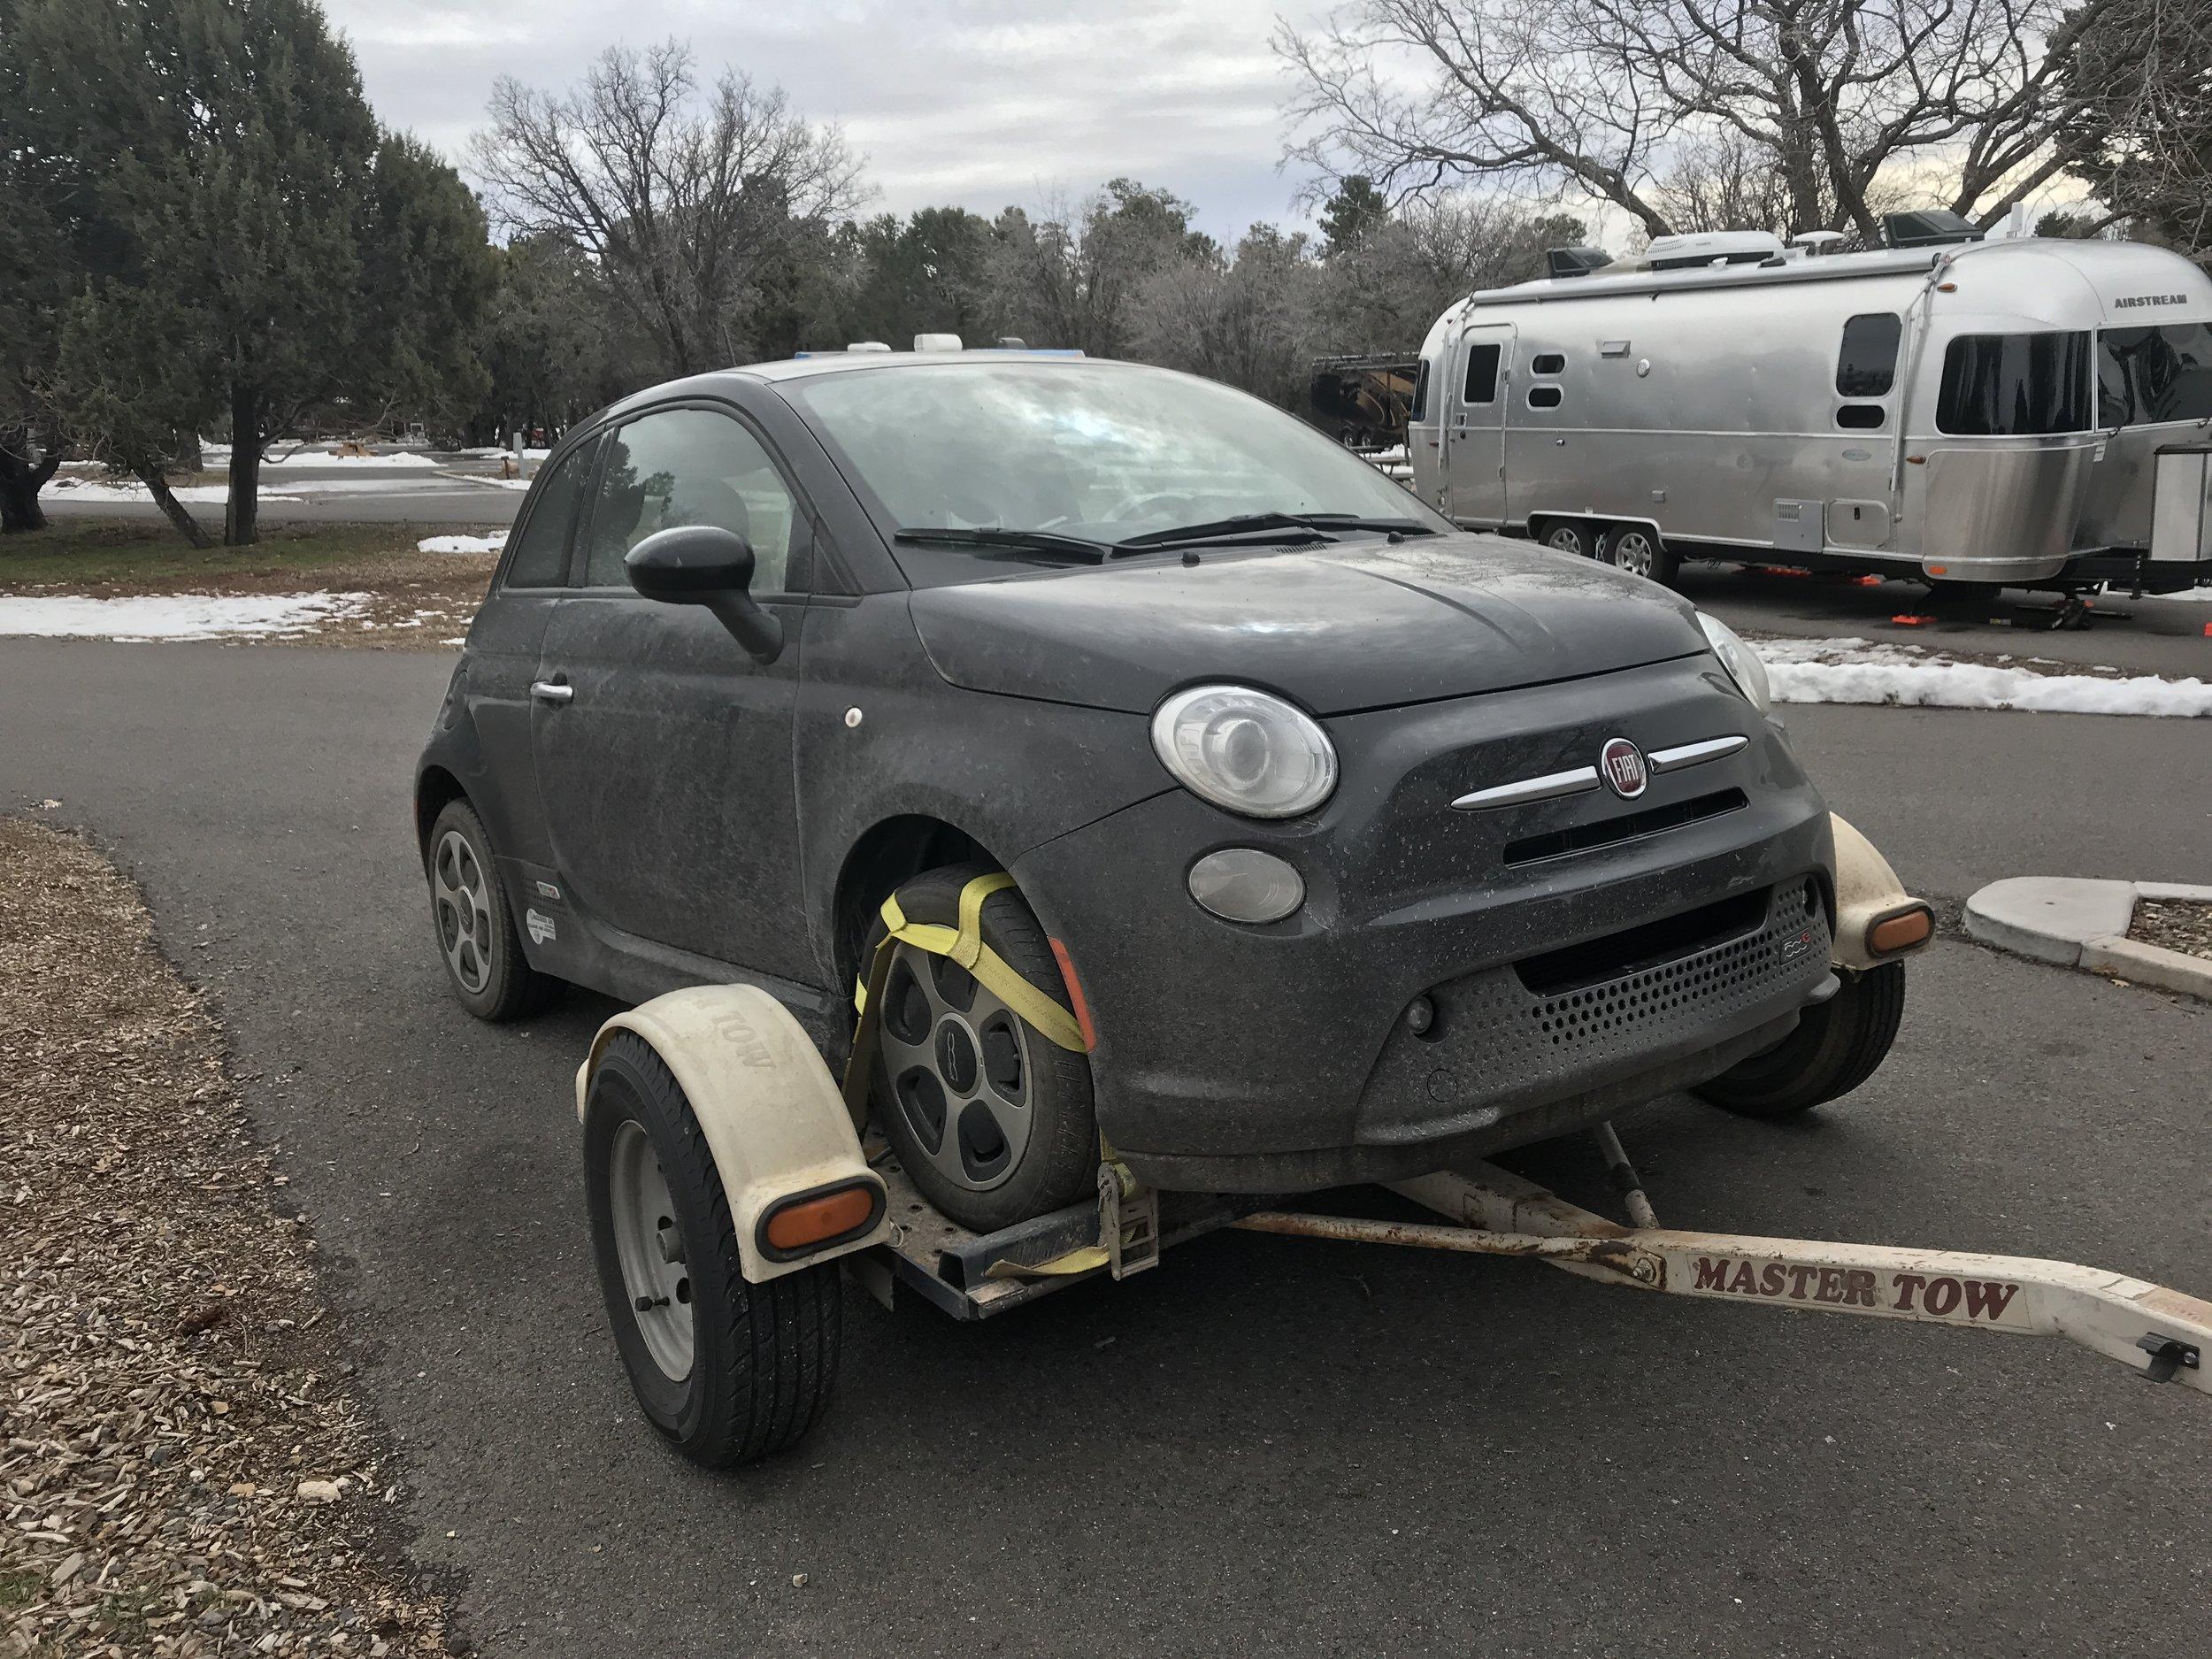 Little car needs a bath